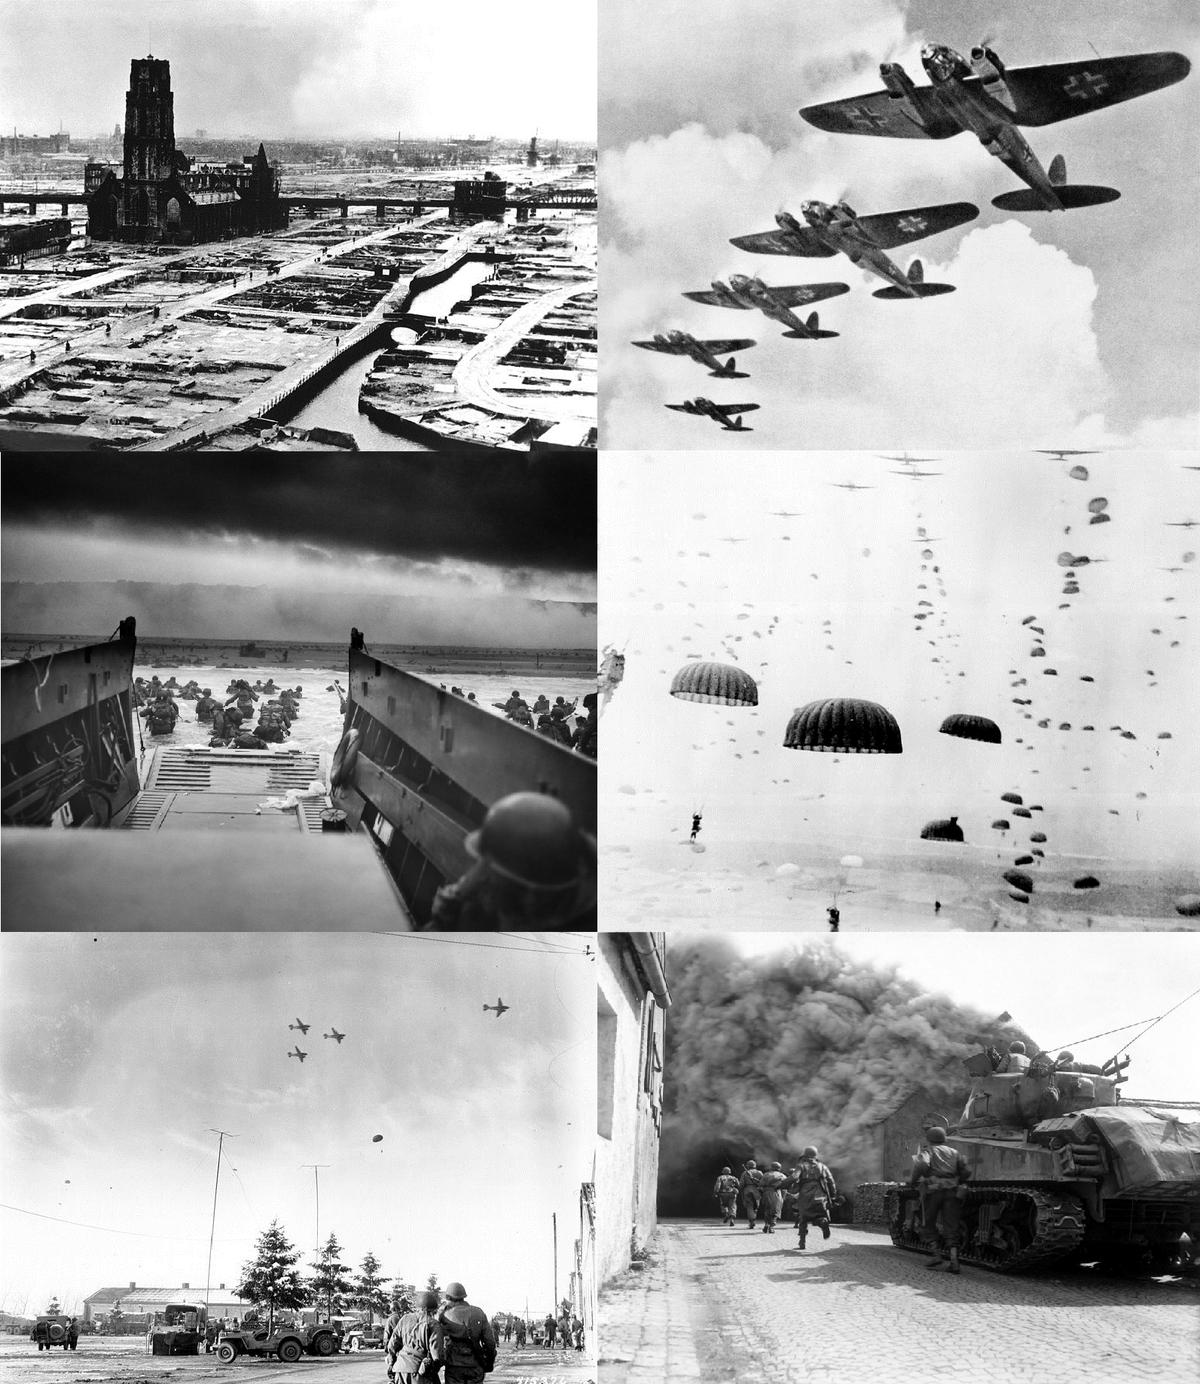 world war 2 - photo #7